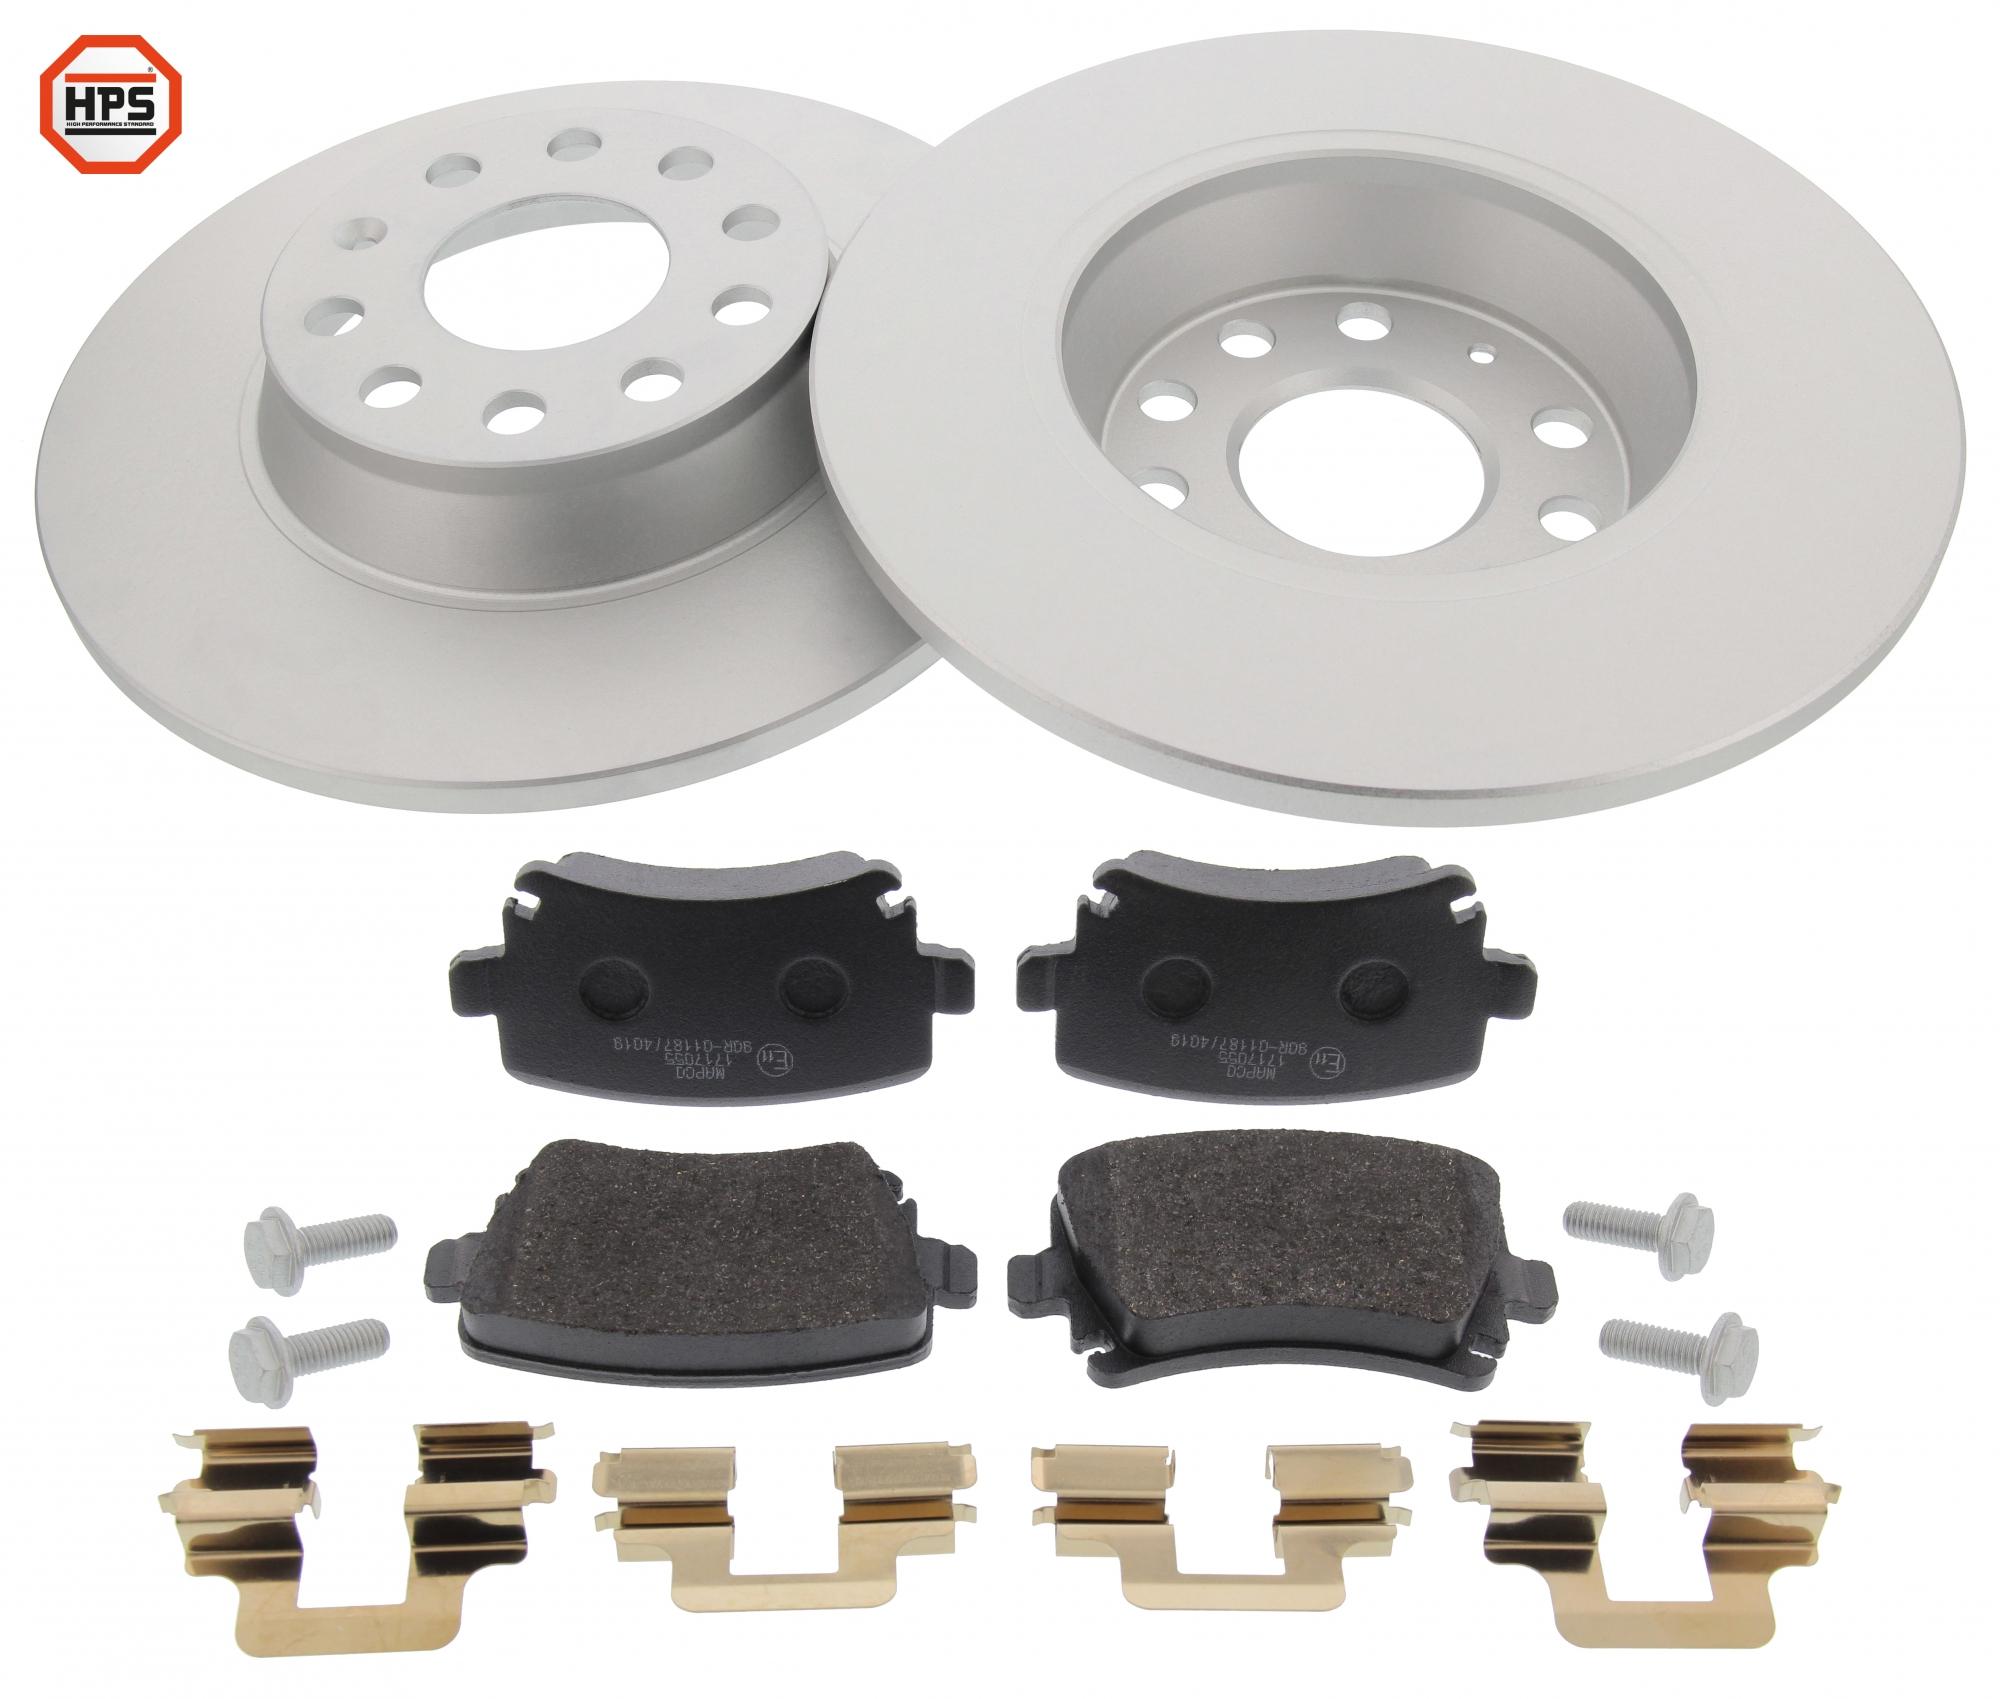 MAPCO 47841HPS brake kit